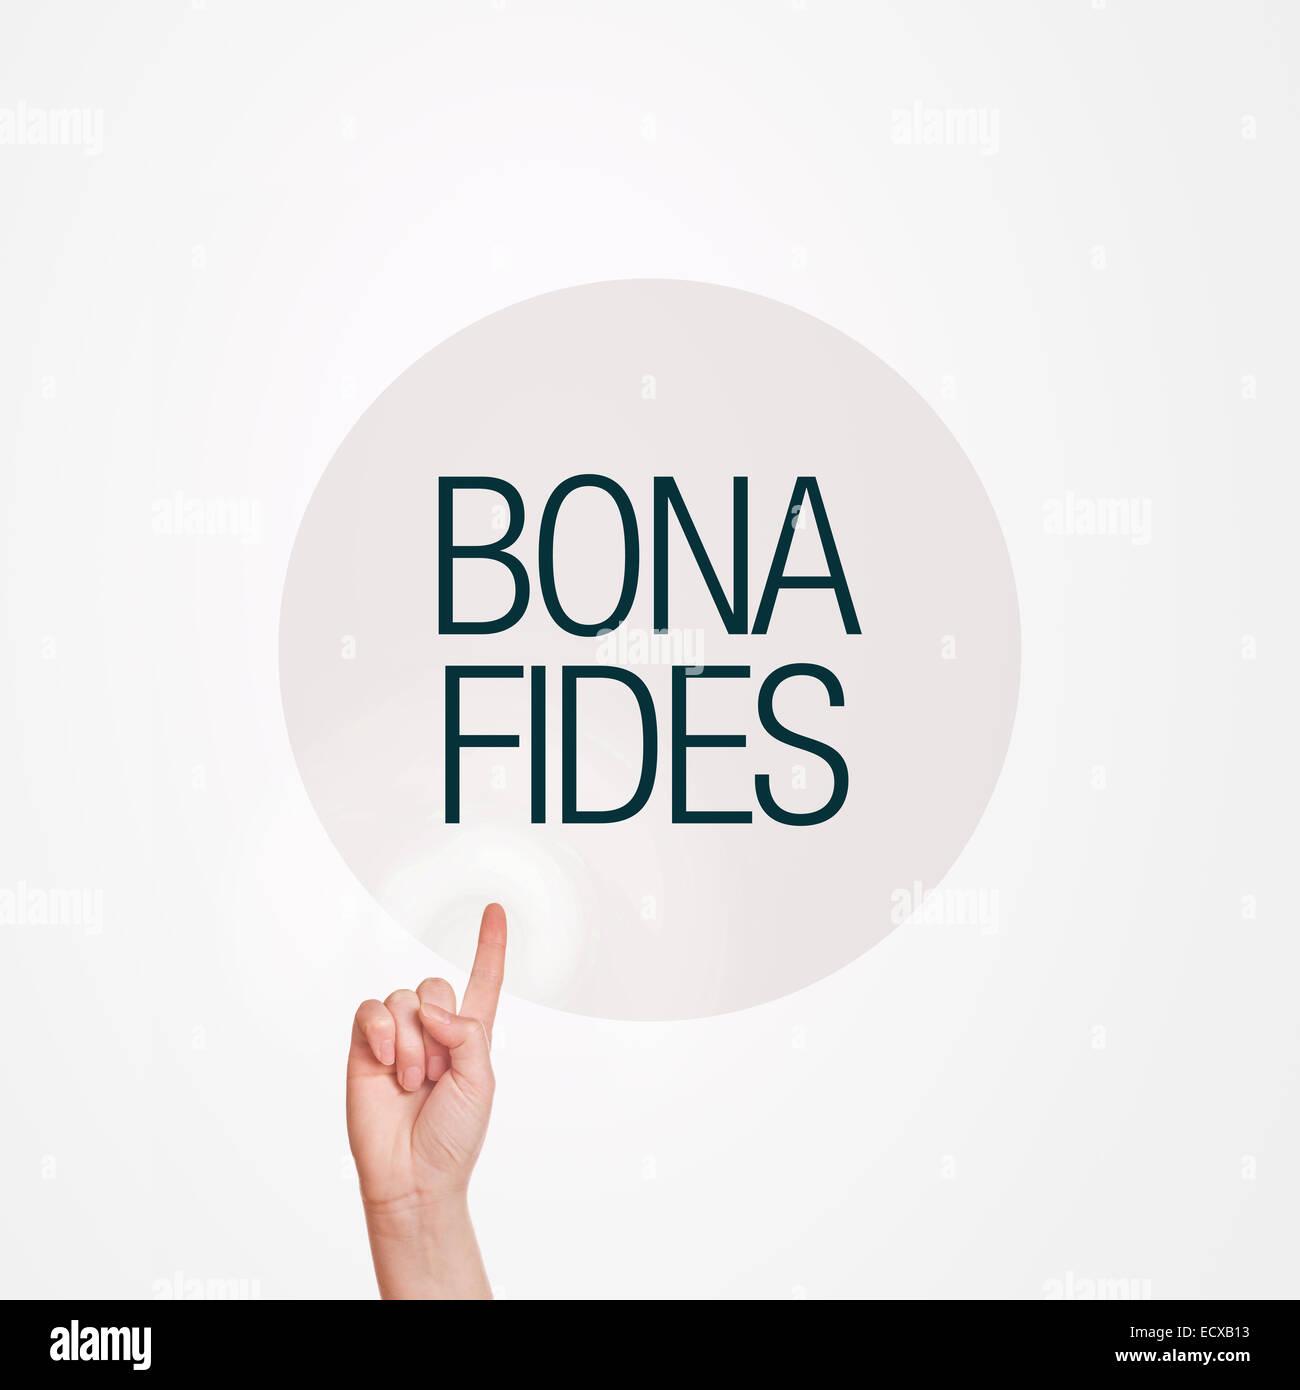 Mujeres caucásicas mano pulsando el botón círculo con bona fides título Imagen De Stock